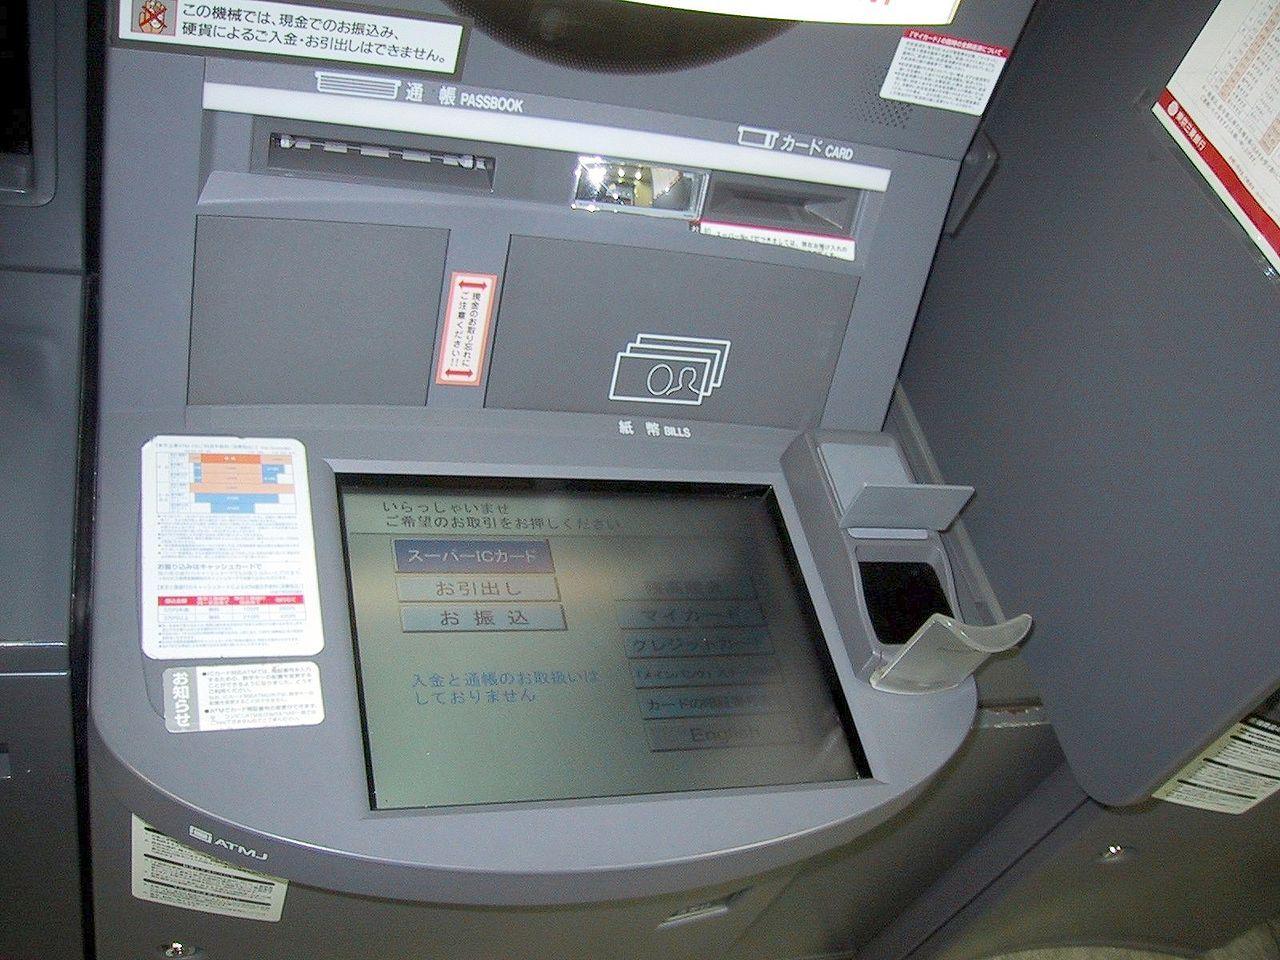 Över 100 miljoner kronor stals från japanska bankomater på två timmar